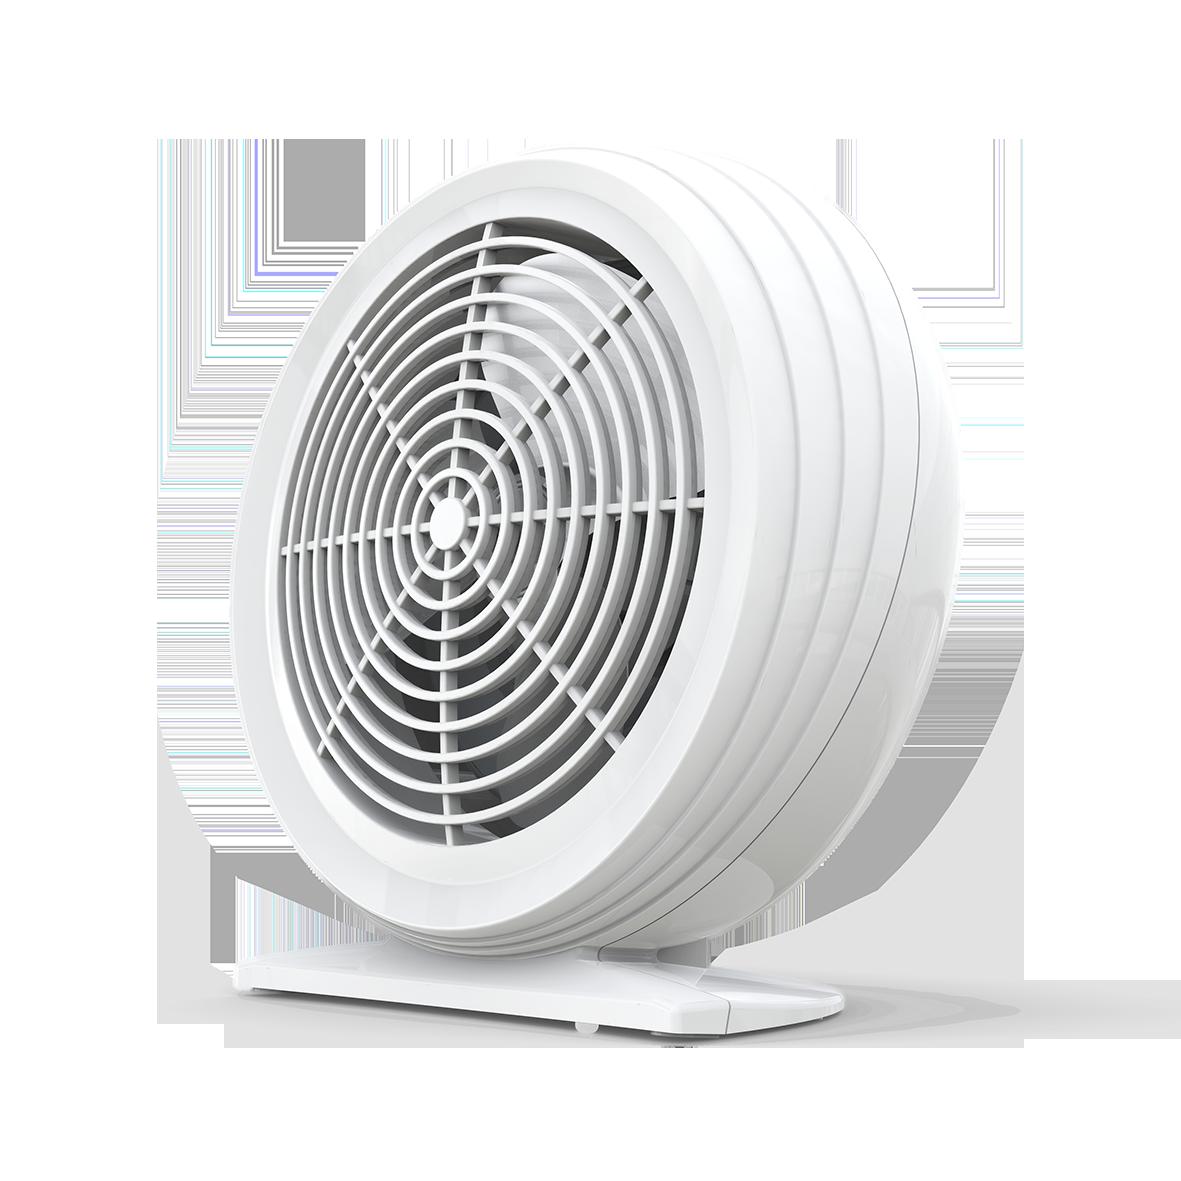 Тепловентилятор Timberk TFH S20SMXОбогреватели<br><br><br>Тип: термовентилятор<br>Максимальная мощность обогрева: 2000<br>Тип нагревательного элемента: электрическая спираль<br>Площадь обогрева, кв.м: 22<br>Вентиляция без нагрева: есть<br>Отключение при перегреве: есть<br>Вентилятор : есть<br>Управление: механическое<br>Ручка для перемещения: есть<br>Габариты: 23x24x12.5 см